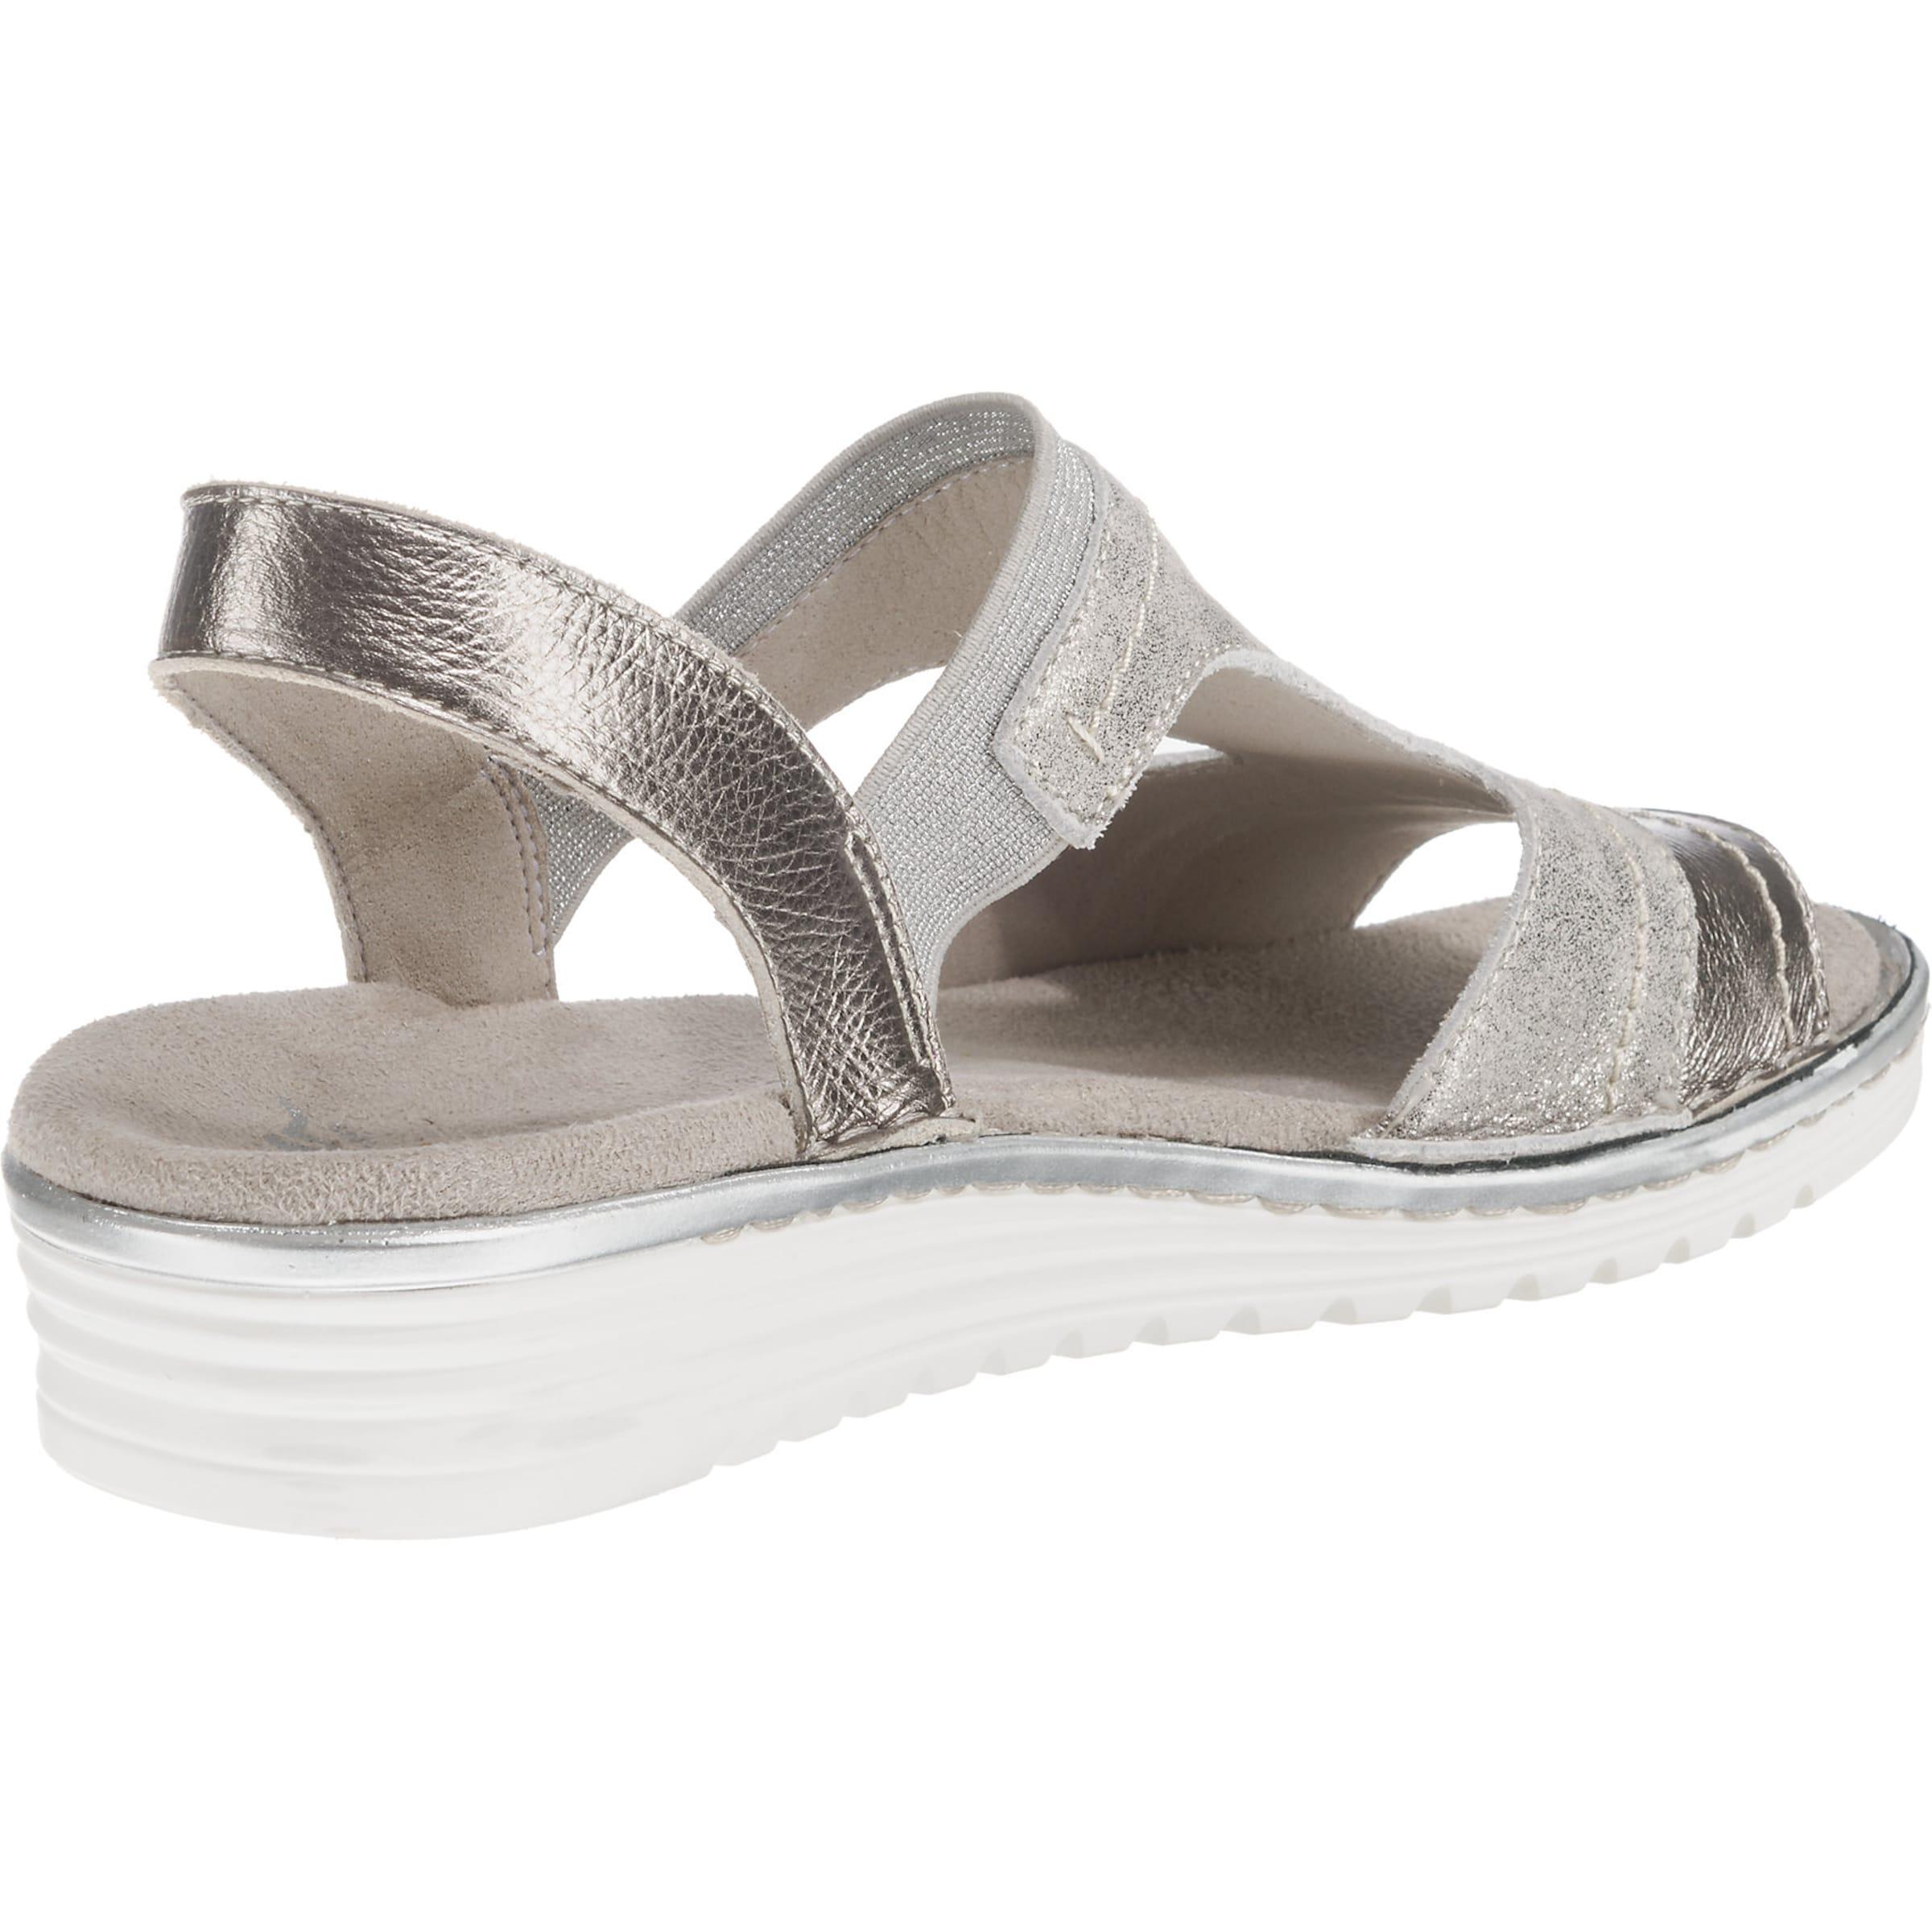 Sandalen In Ara 'havanna' Silber Ara 'havanna' Sandalen ARjL54